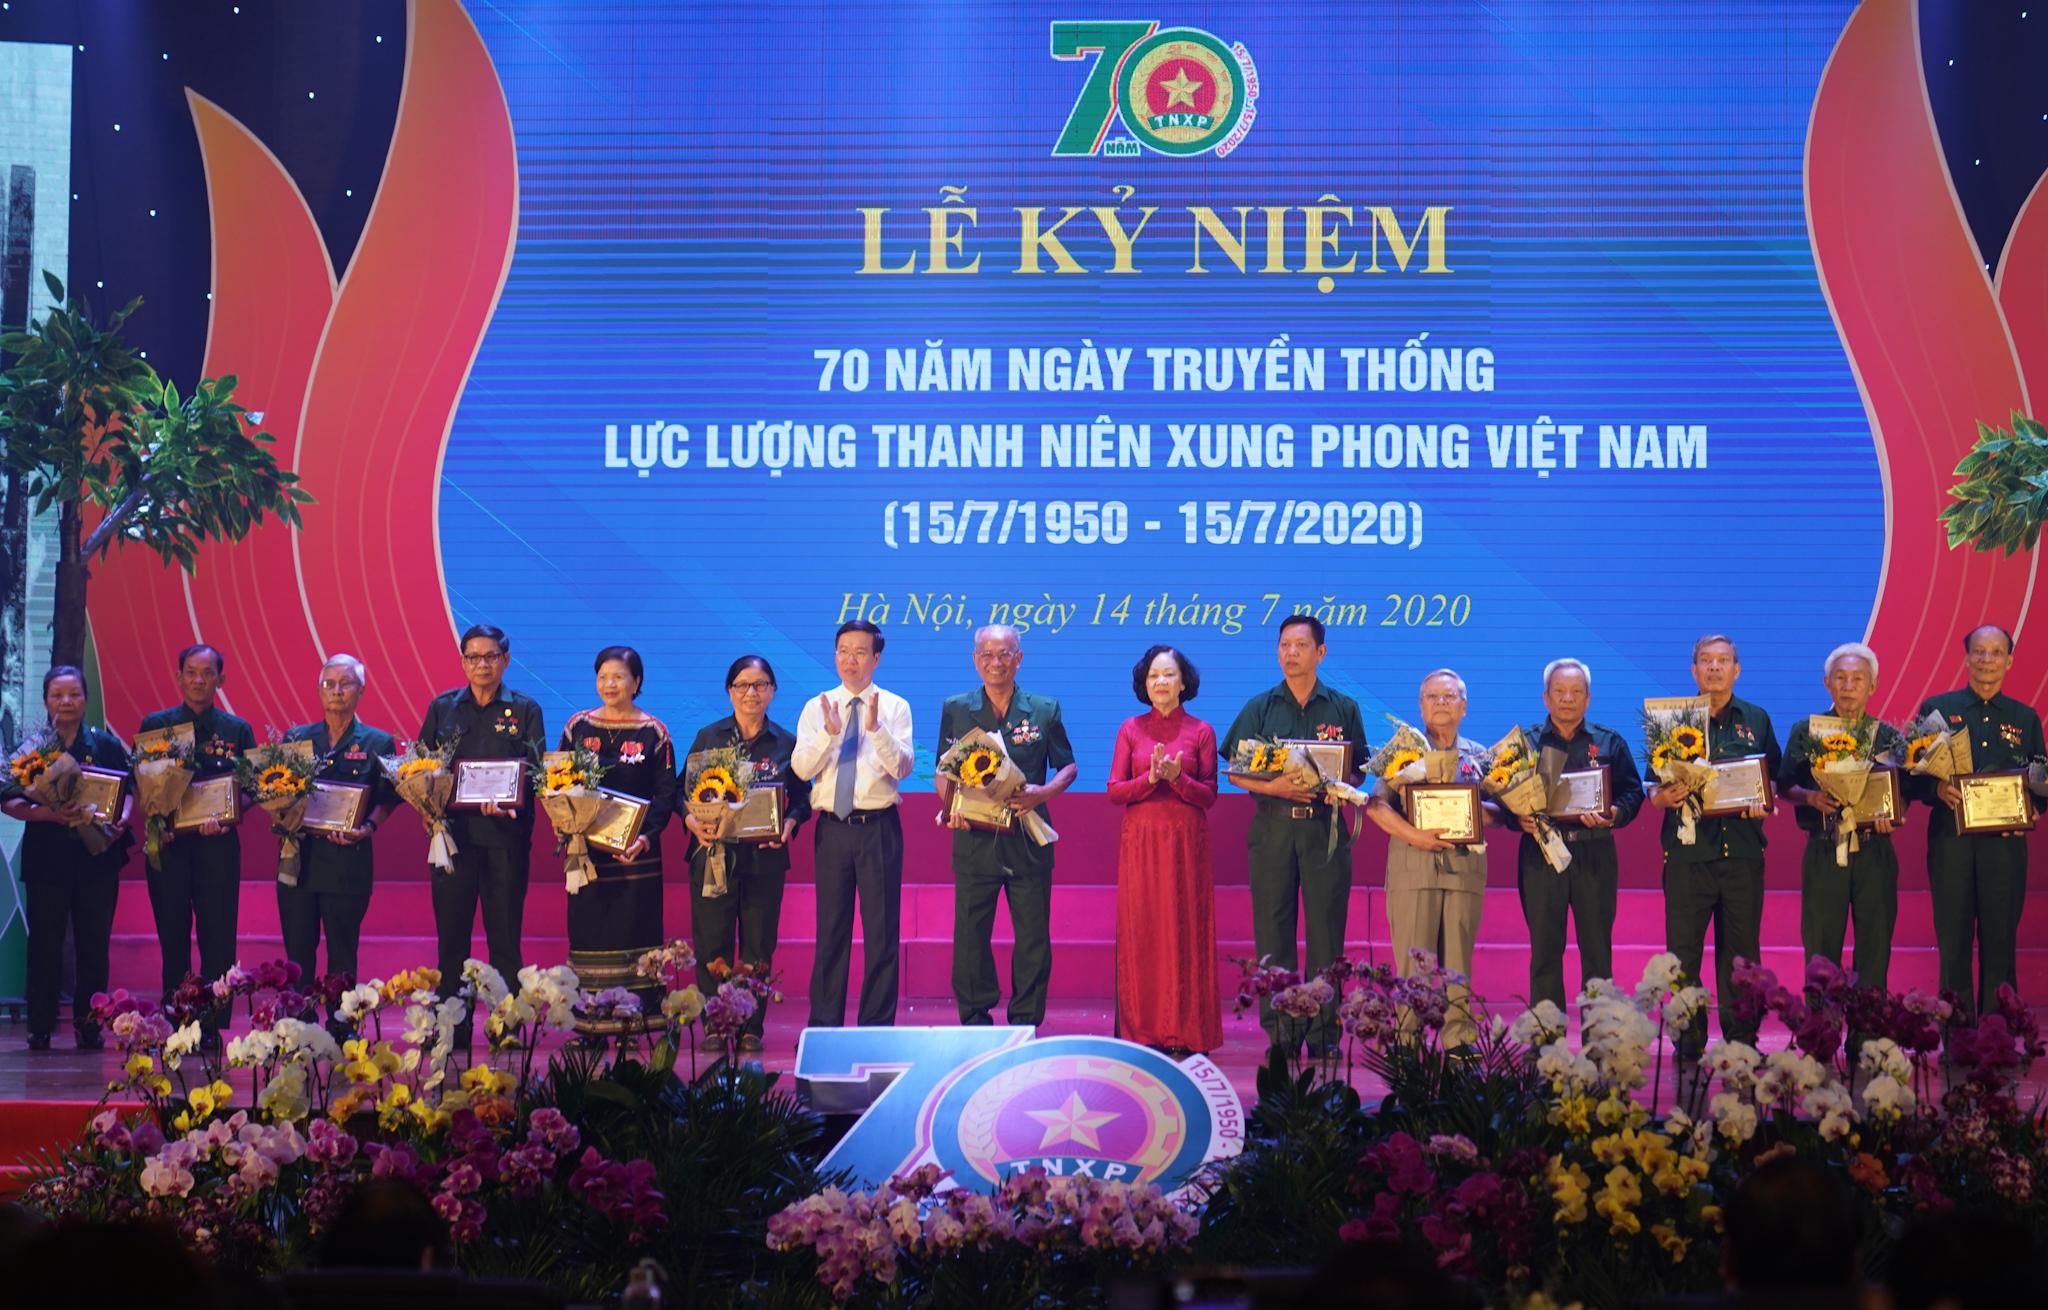 Trưởng Ban Dân vận Trung ương Trương Thị Mai và Trưởng Ban Tuyên giáo Trung ương Võ Văn Thưởng tặng biểu trưng tôn vinh các TNXP điển hình tiêu biểu qua các thời kỳ - Ảnh: VGP/Quang Hiếu